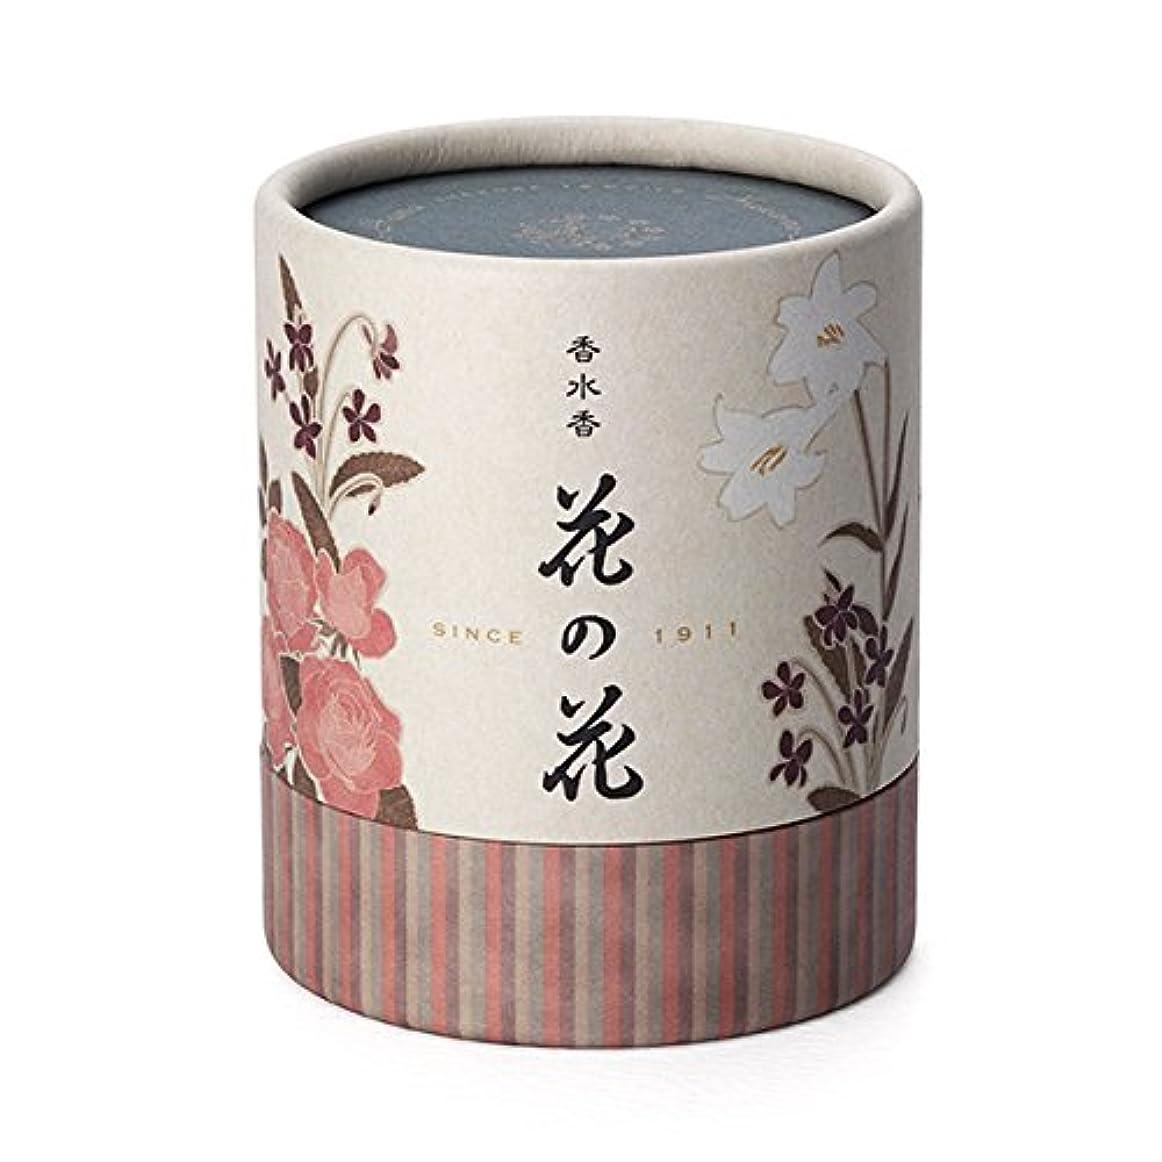 貧困オプショナル分配します日本香堂 香水香 花の花 3種入 うず巻12巻入 香立付( 30003)